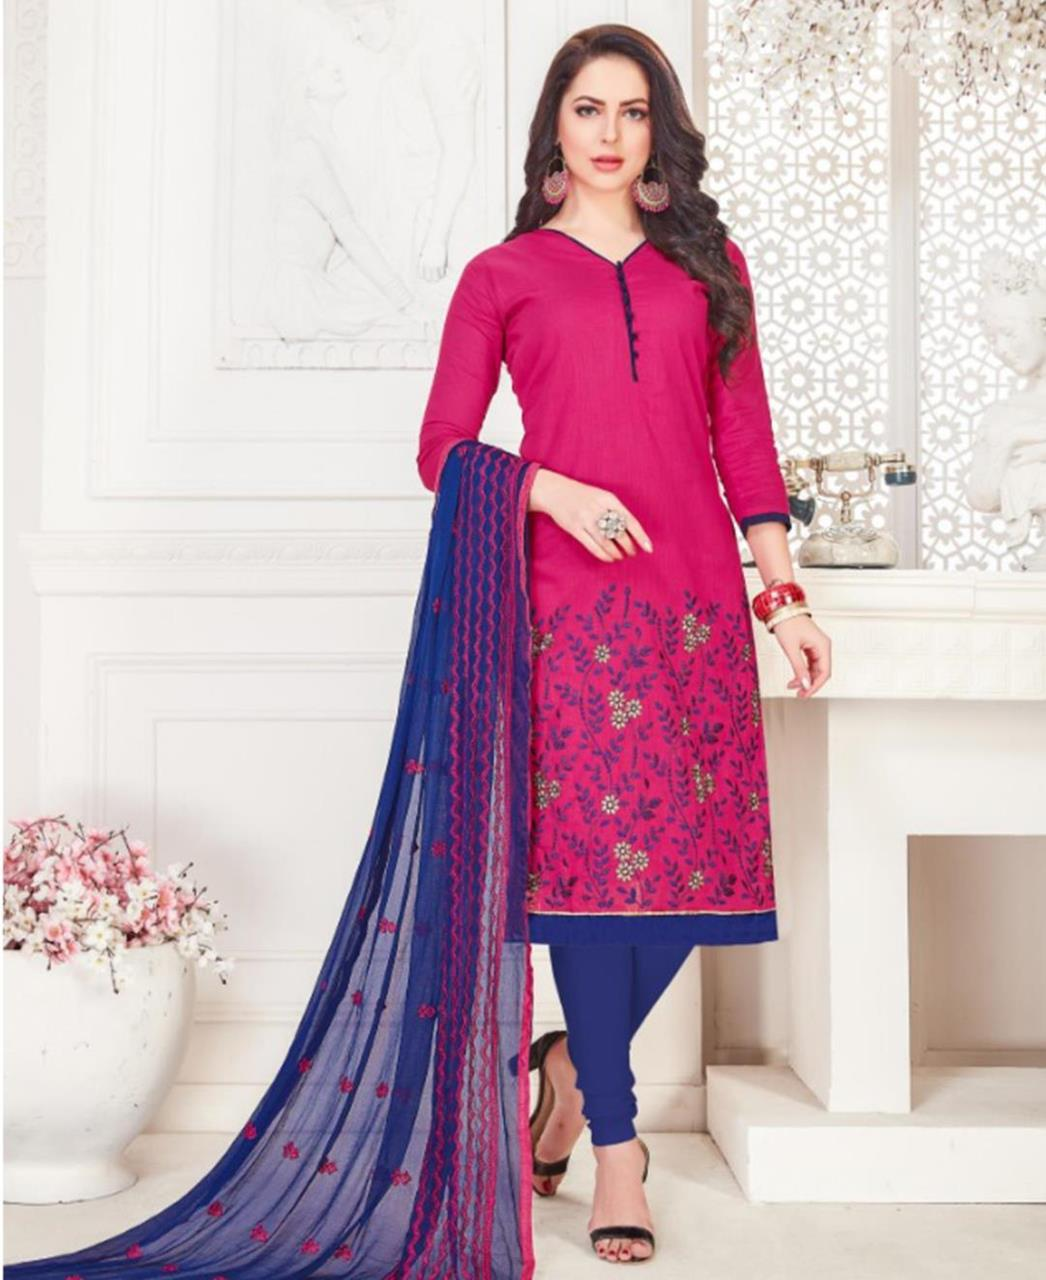 Embroidered Cotton Magenta Straight Cut Salwar Kameez